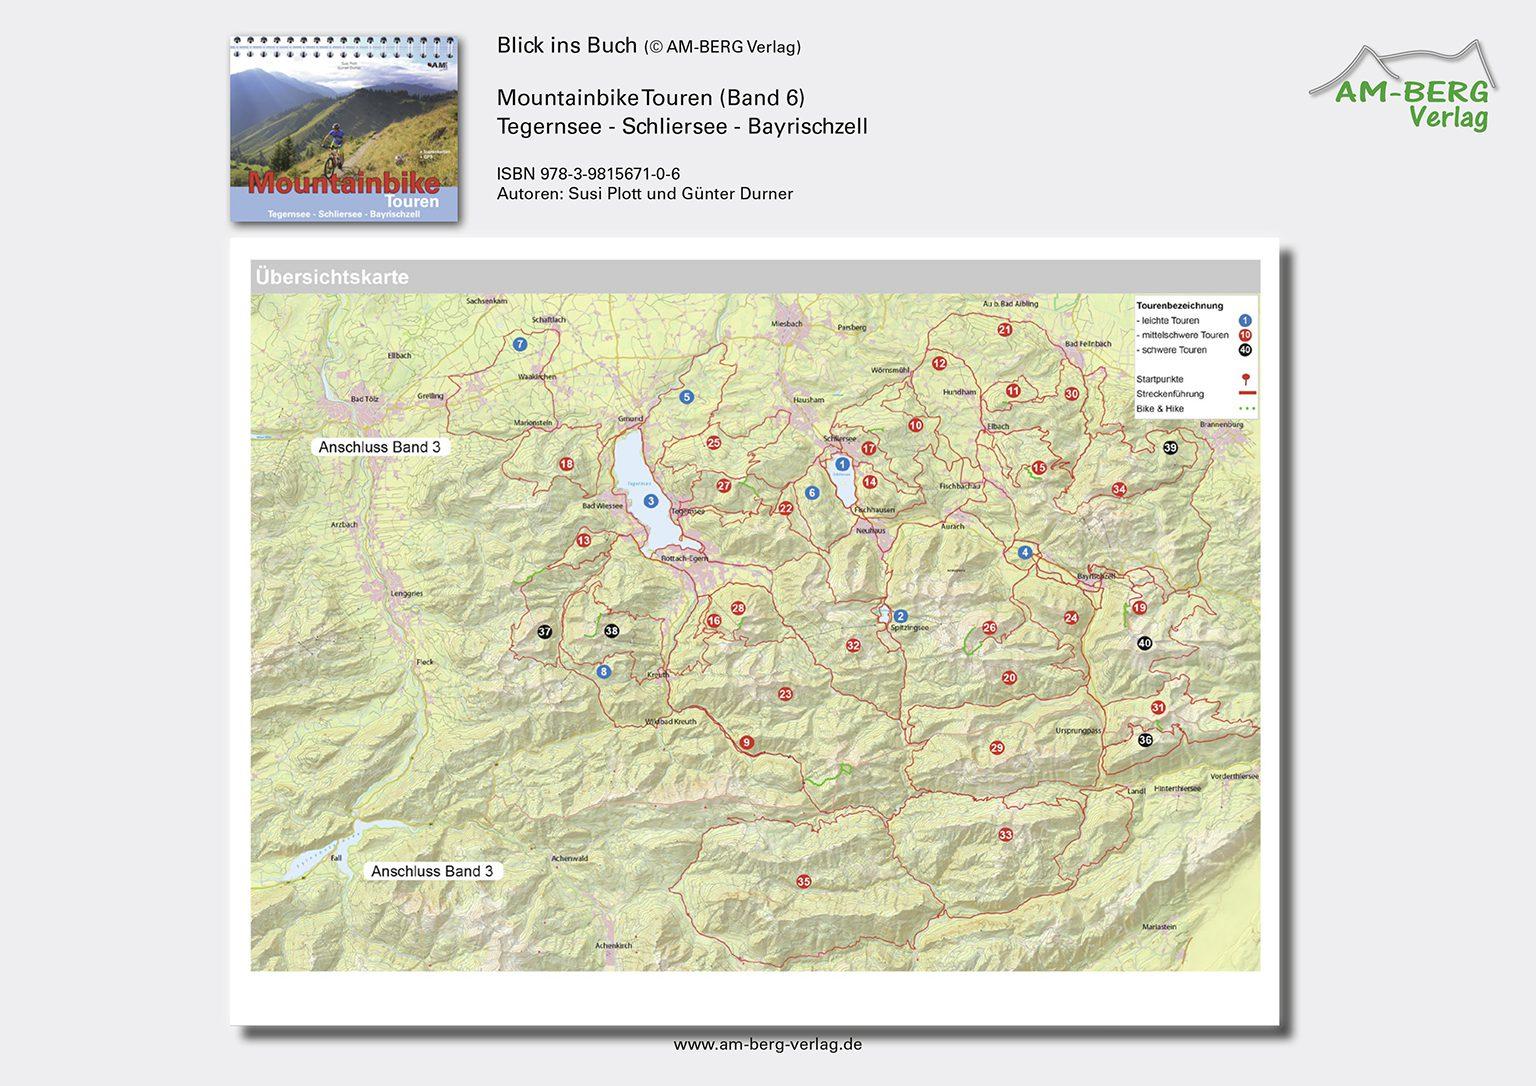 Mountainbike Touren Tegernsee-Schliersee-Bayrischzell (Band 6)_BlickinsBuch2